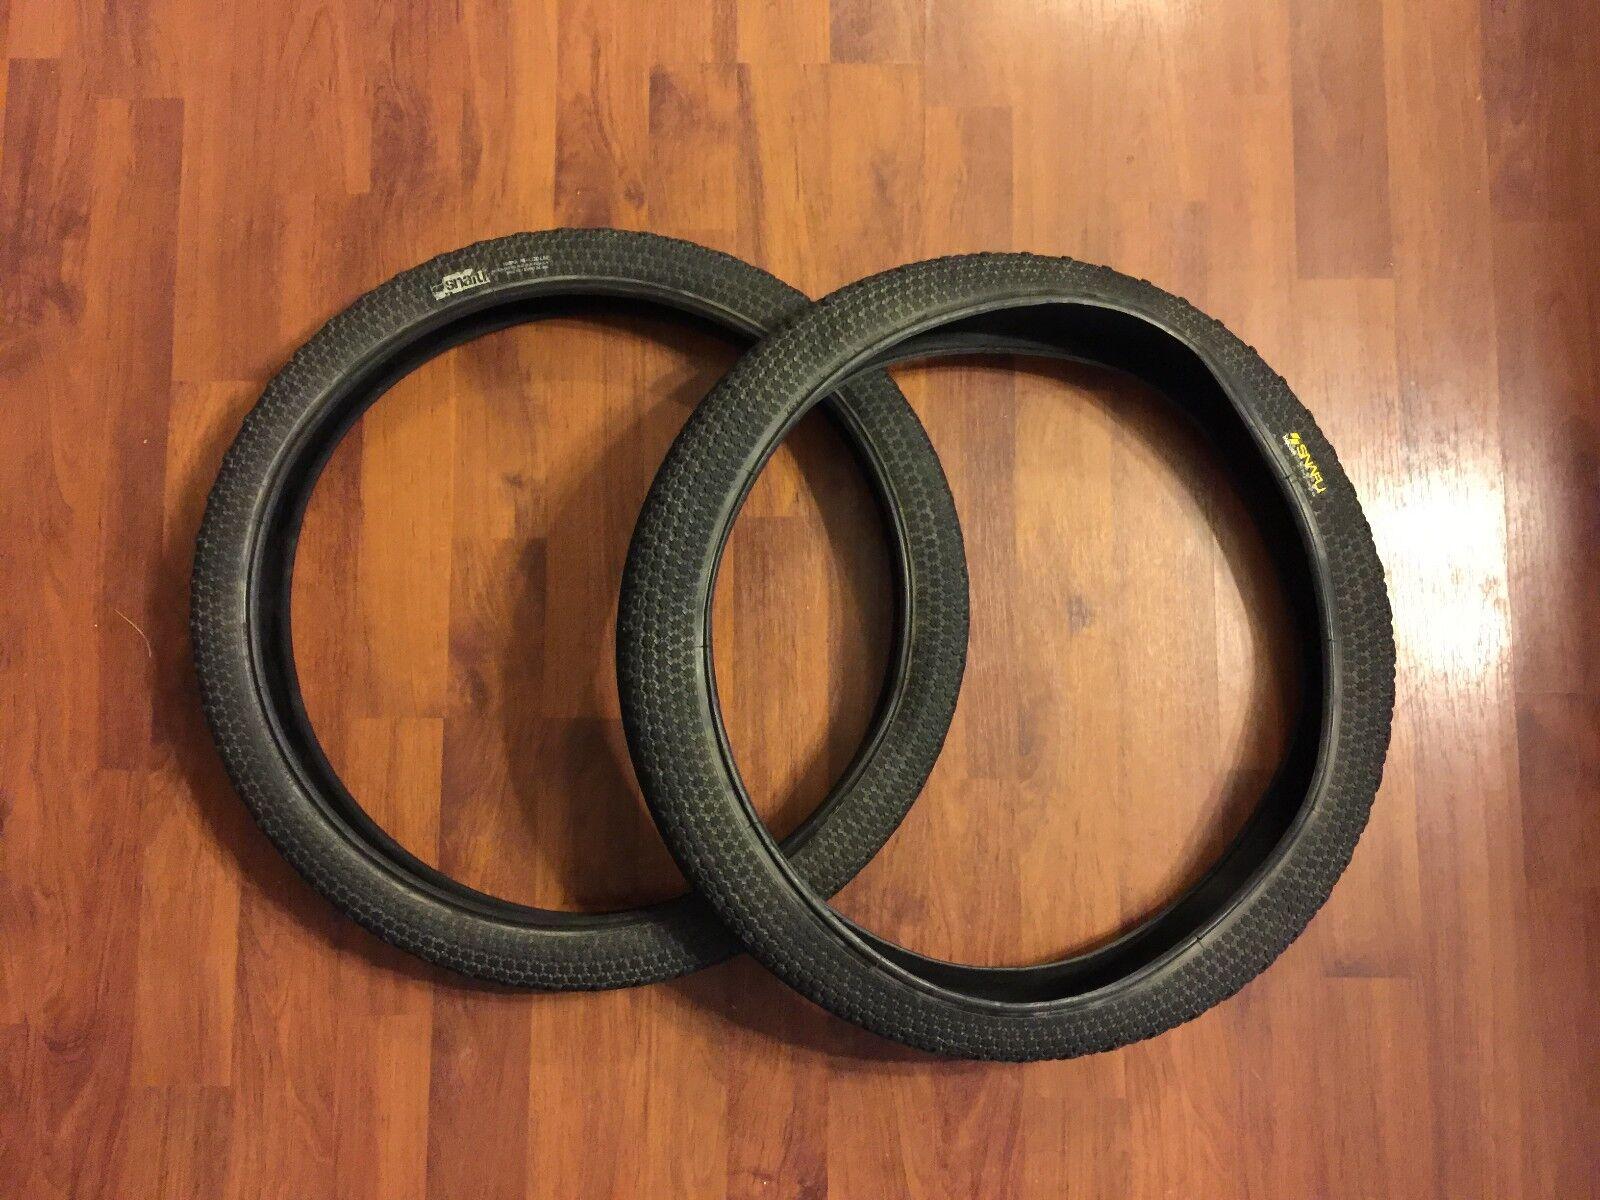 Snafu Malcolm BMX Bike Tires - 20 X 2.1 Steel Bead 100 PSI